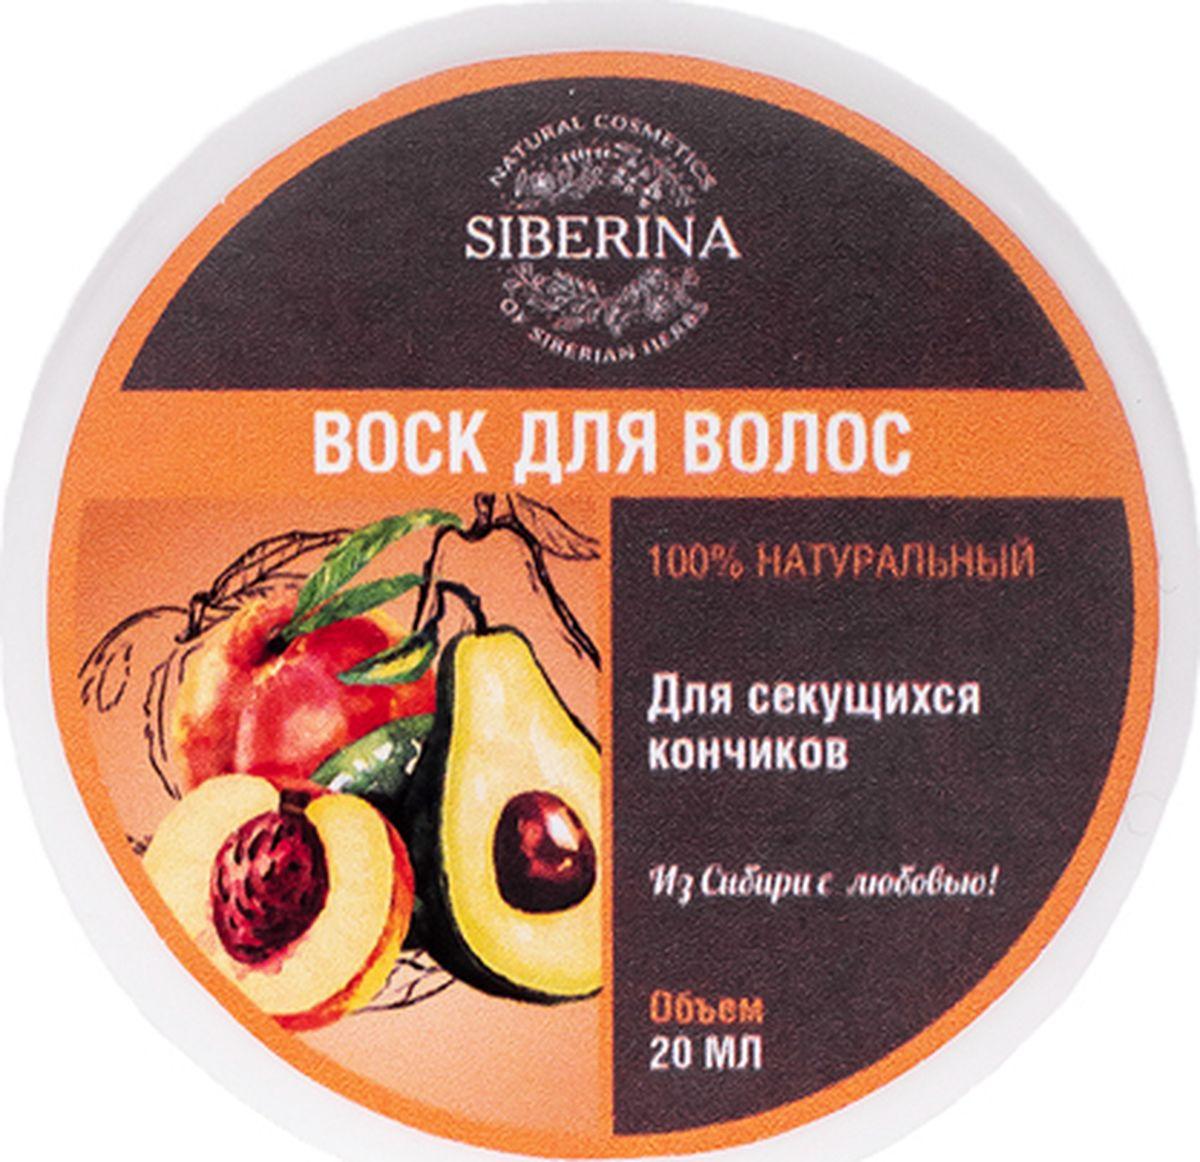 Siberina Воск Для секущихся волос, 25 гMSV(3)-SIBВосстанавливает ослабленные и поврежденные волосы, устраняет ломкость, возвращает природный блеск.